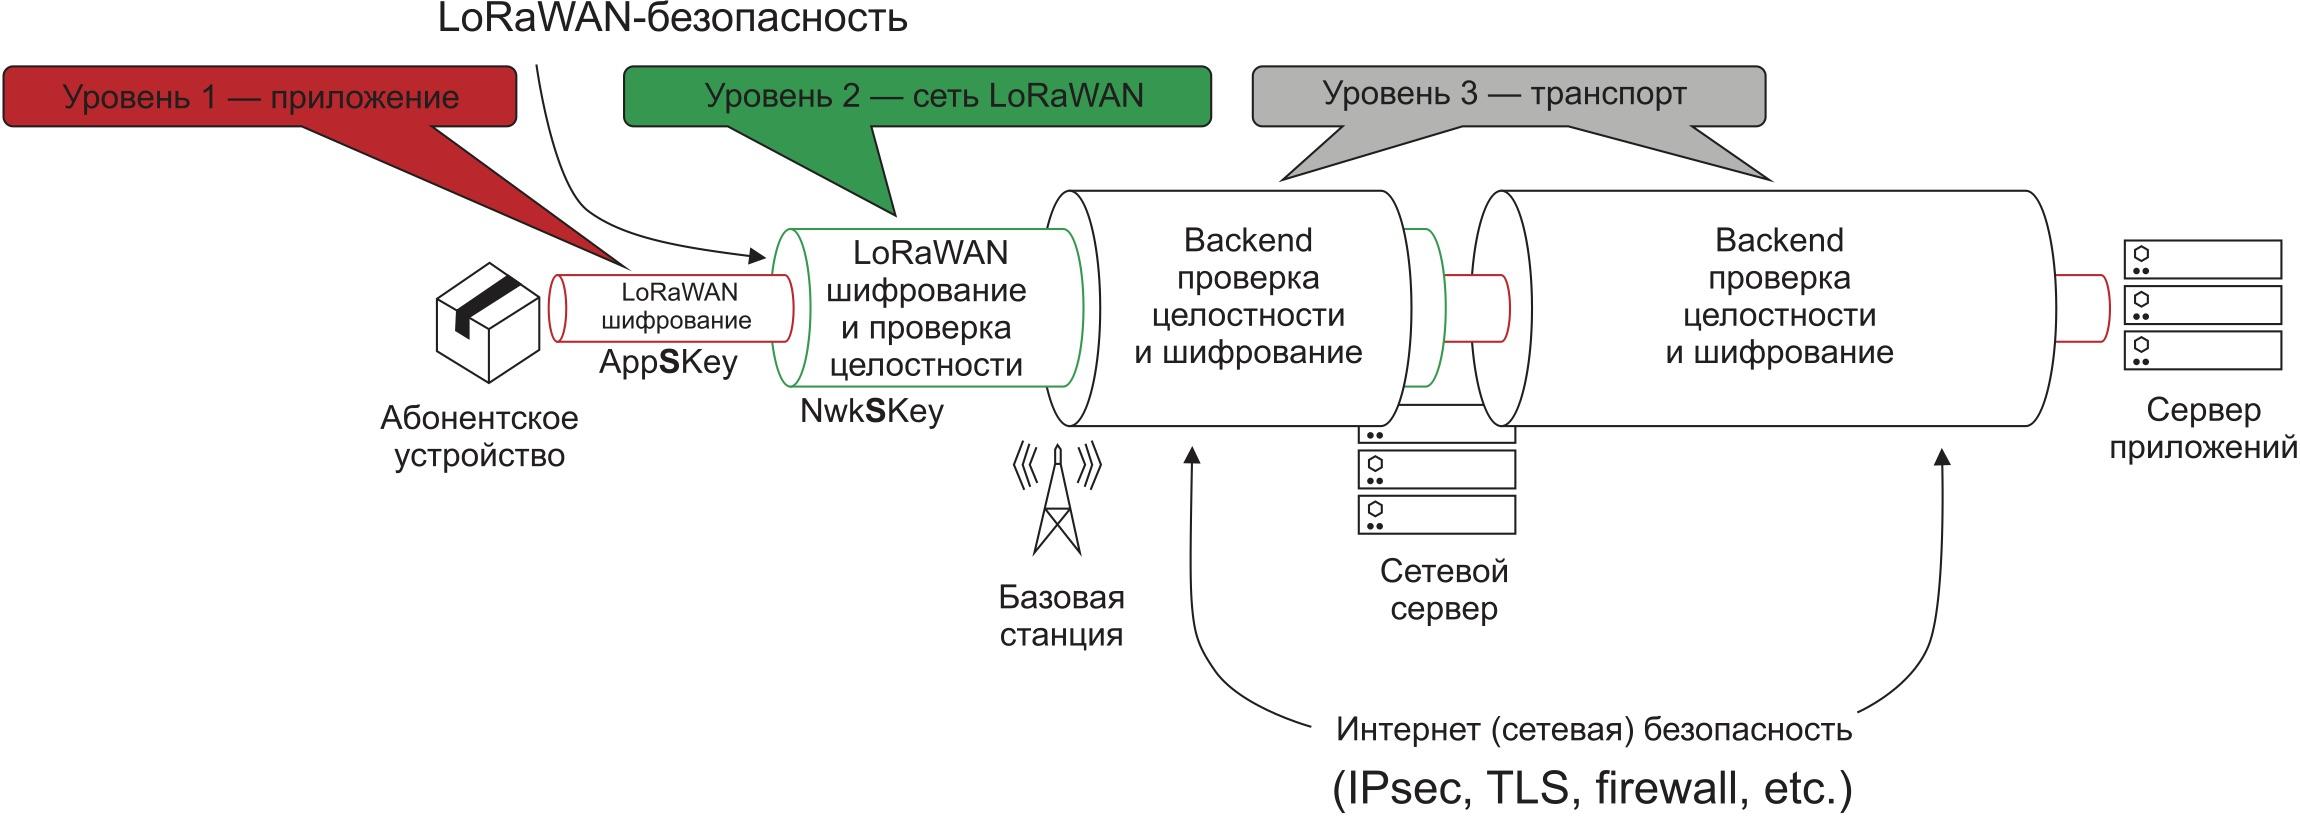 Общая схема безопасности данных в сети LoRaWAN